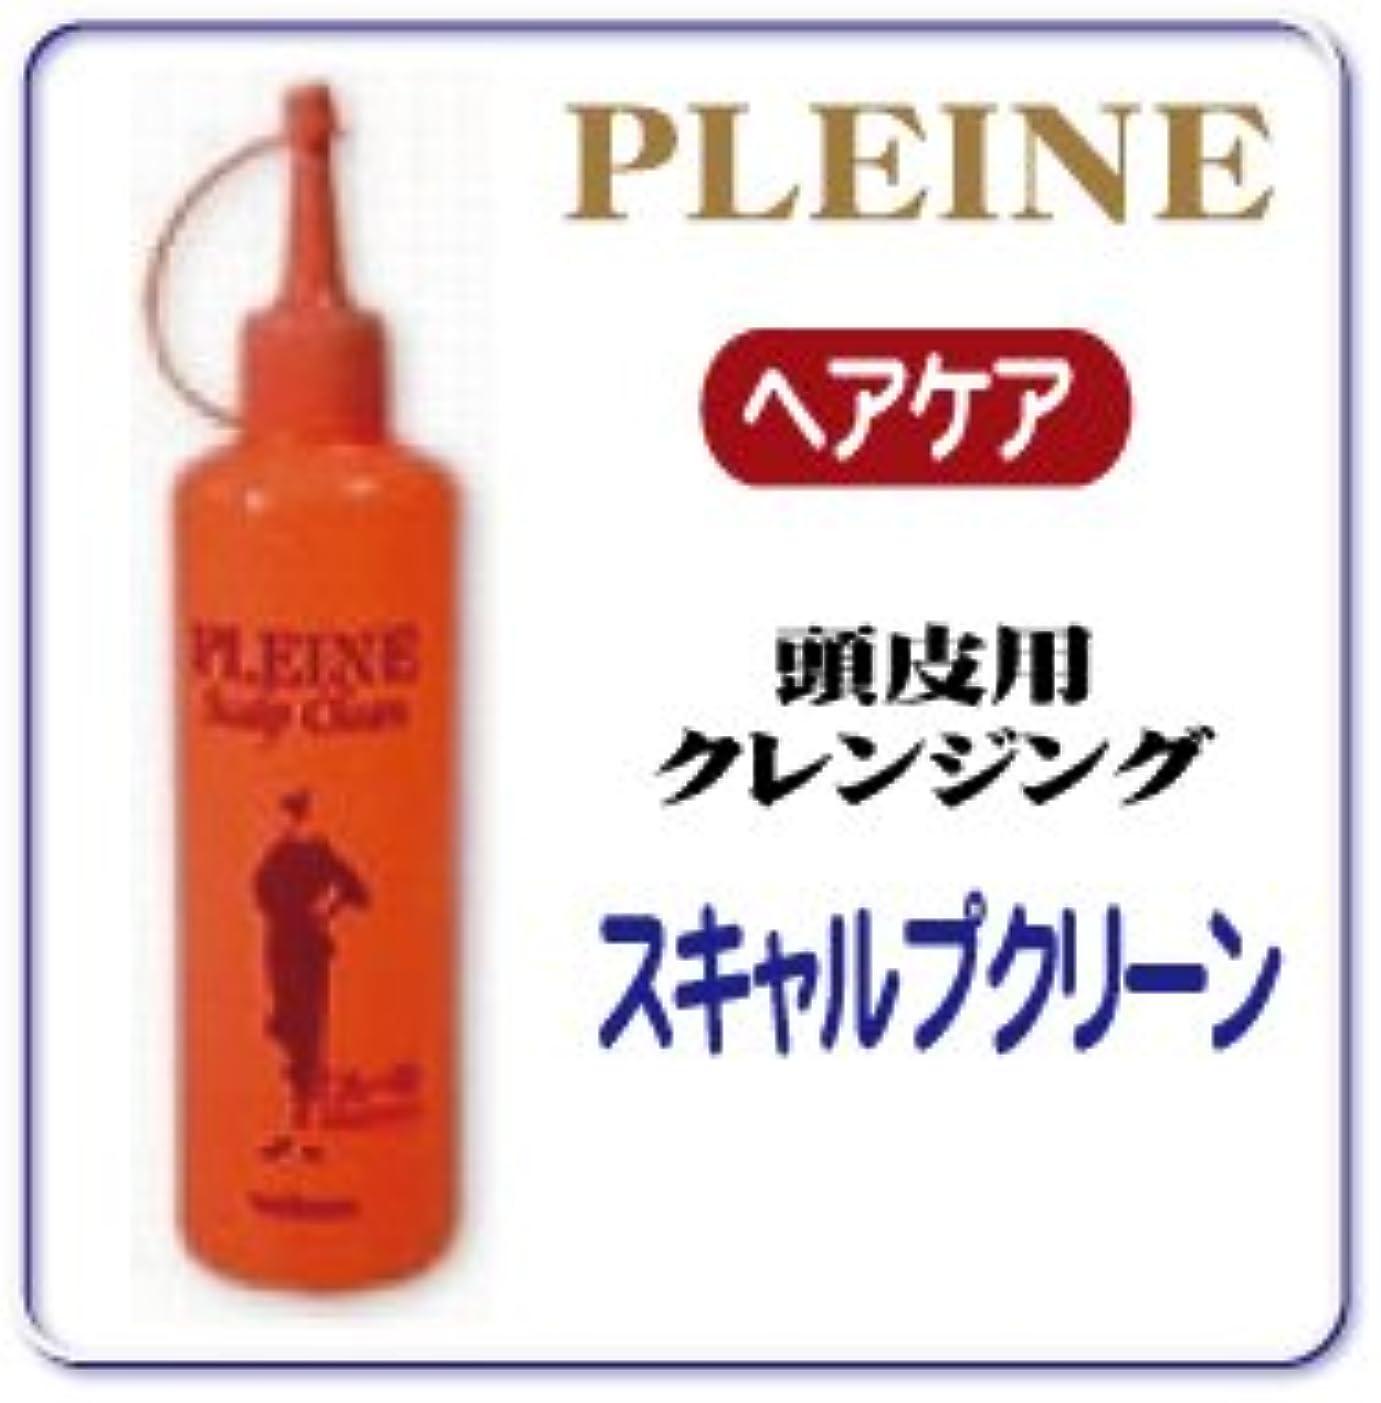 自己解釈する芝生ベルマン化粧品 PLEINEシリーズ  スキャルプクリーン  頭皮用クレンジング 300ml